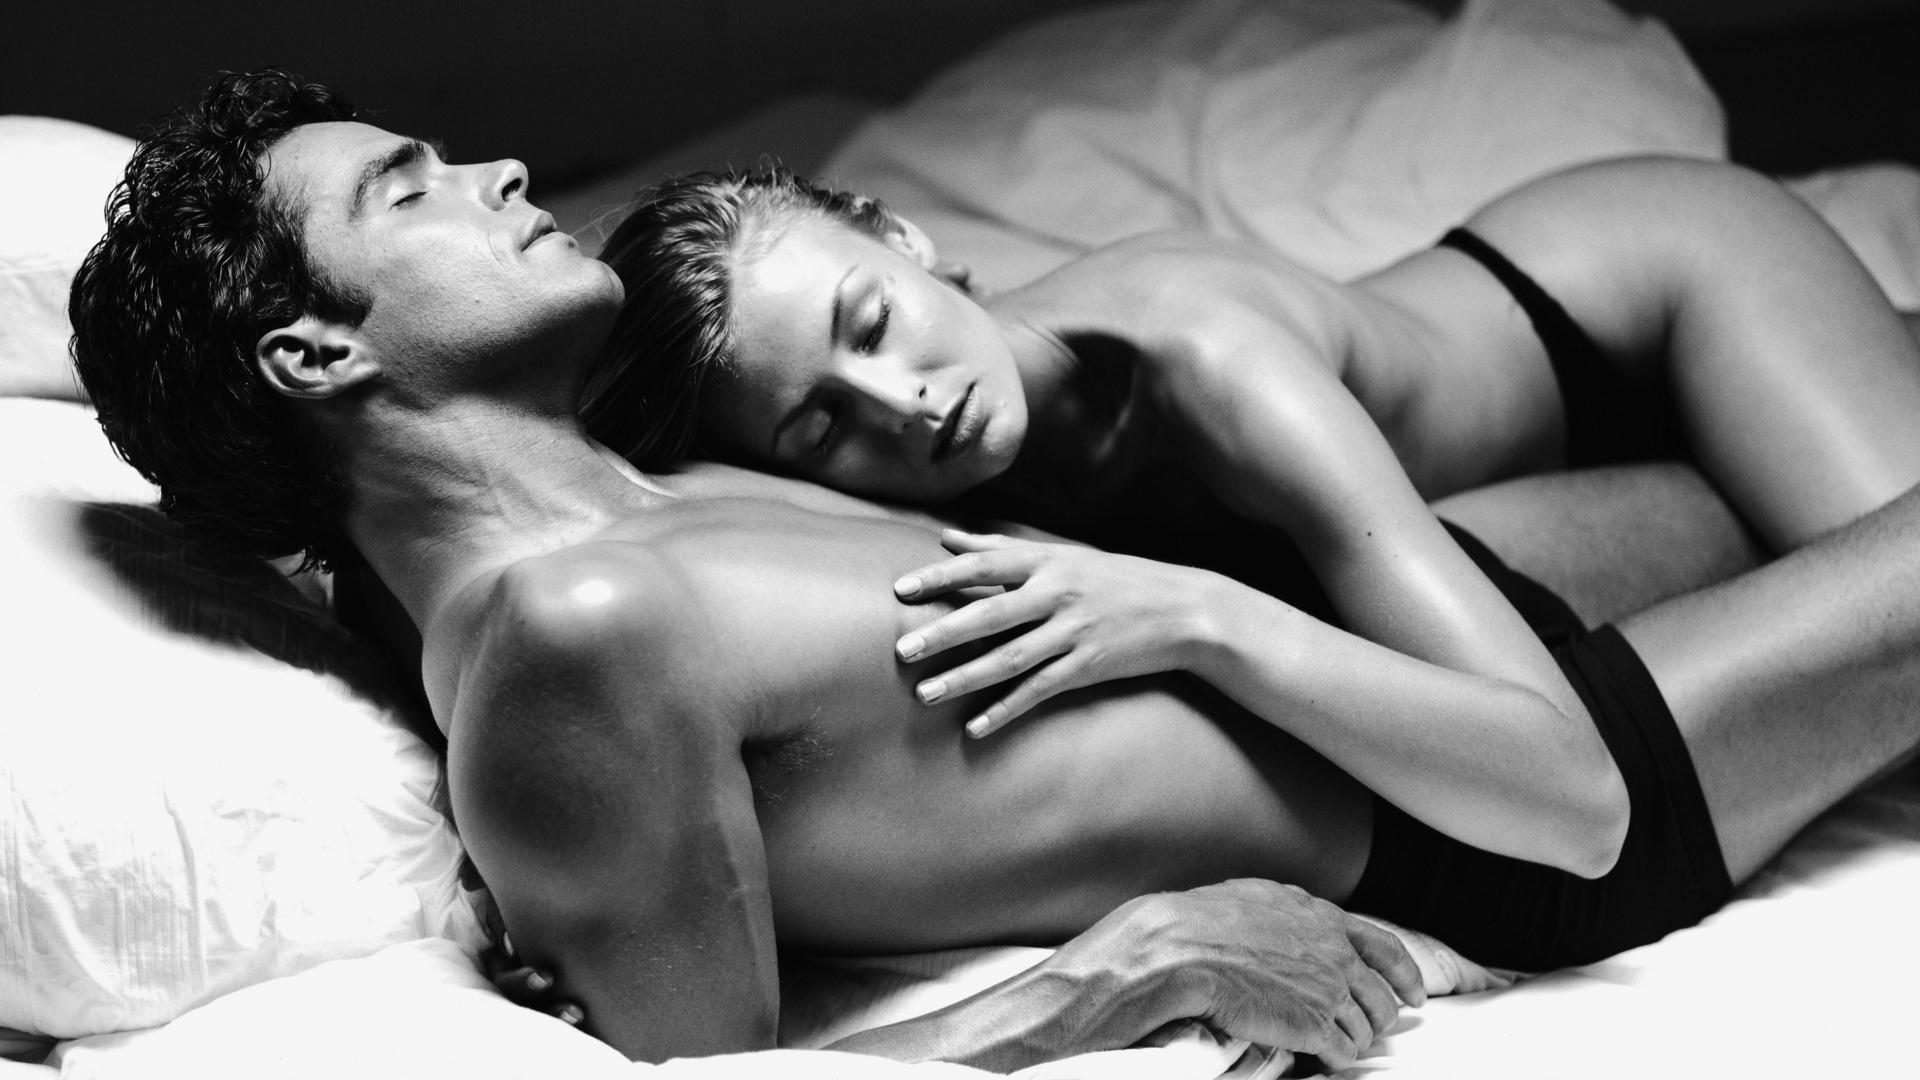 мужчине интимные к слава женщины